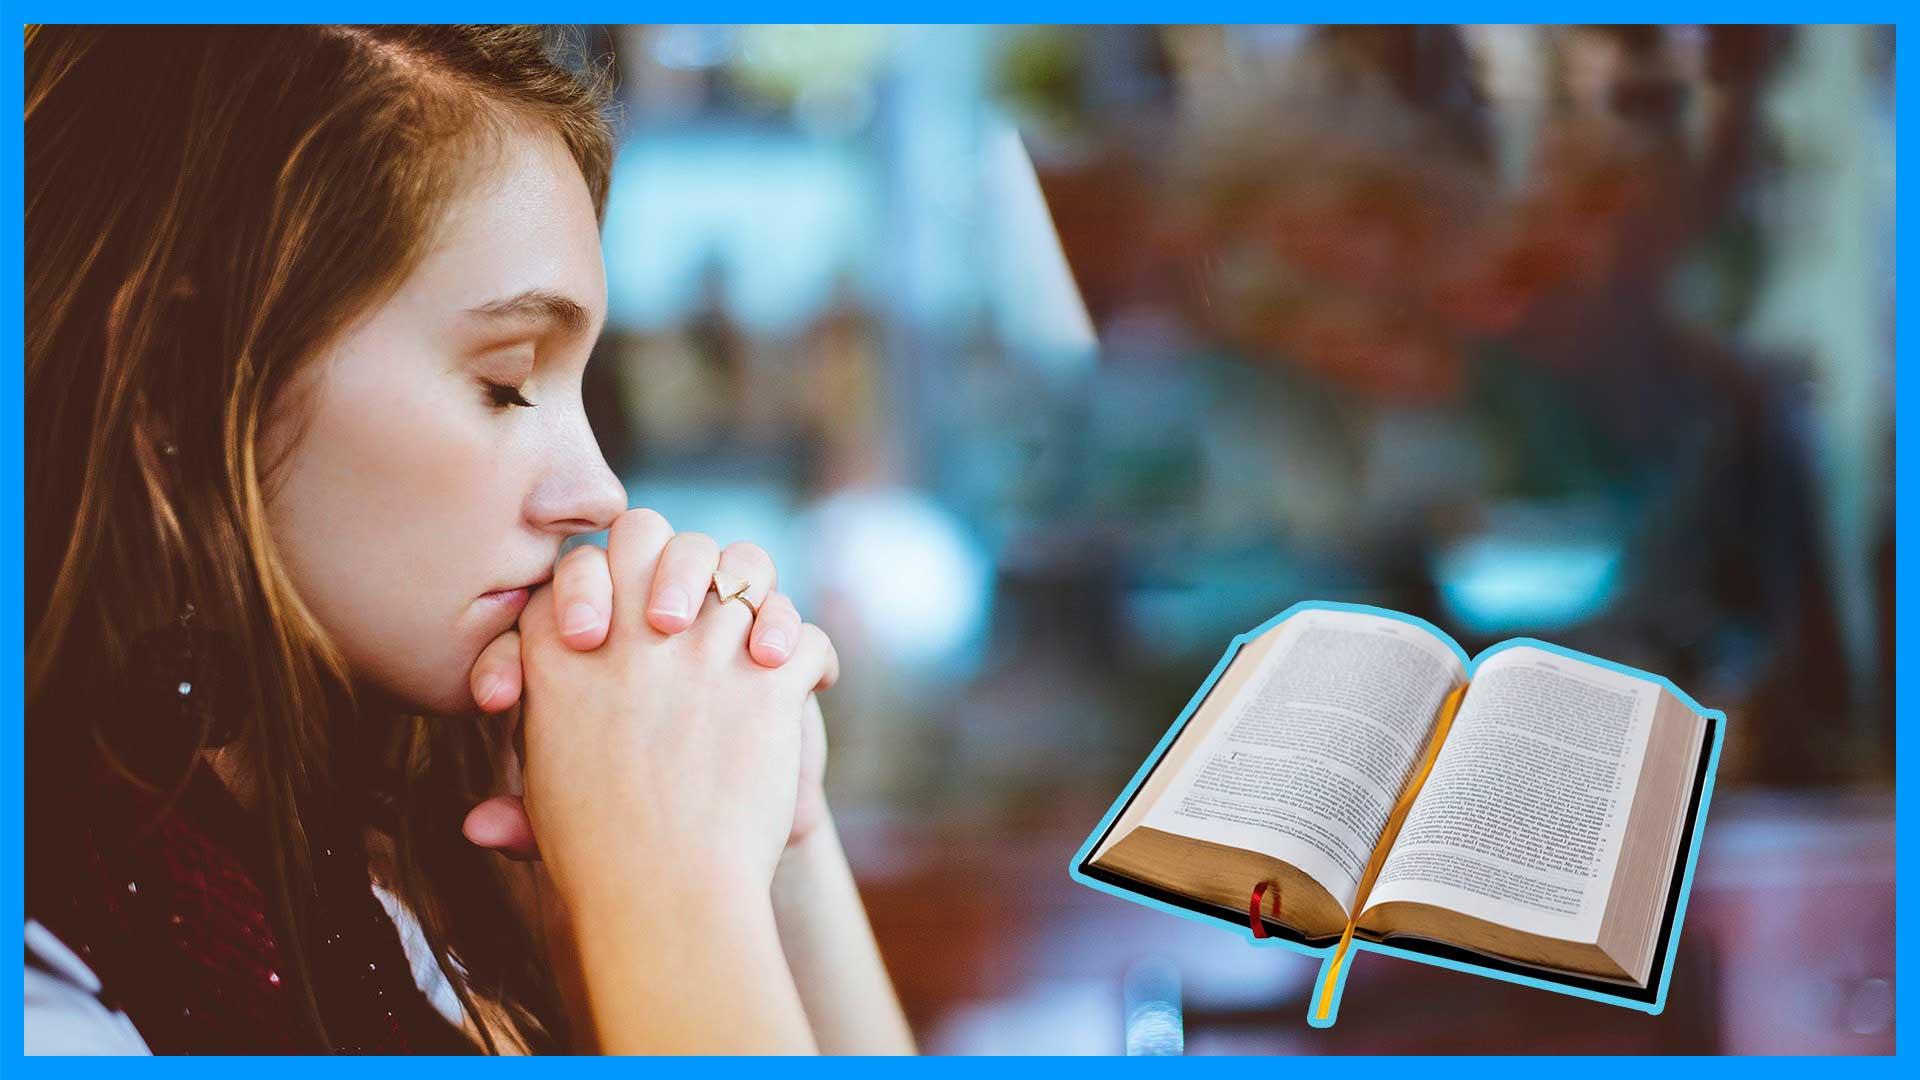 El salmo que debes leer antes de ir a trabajar